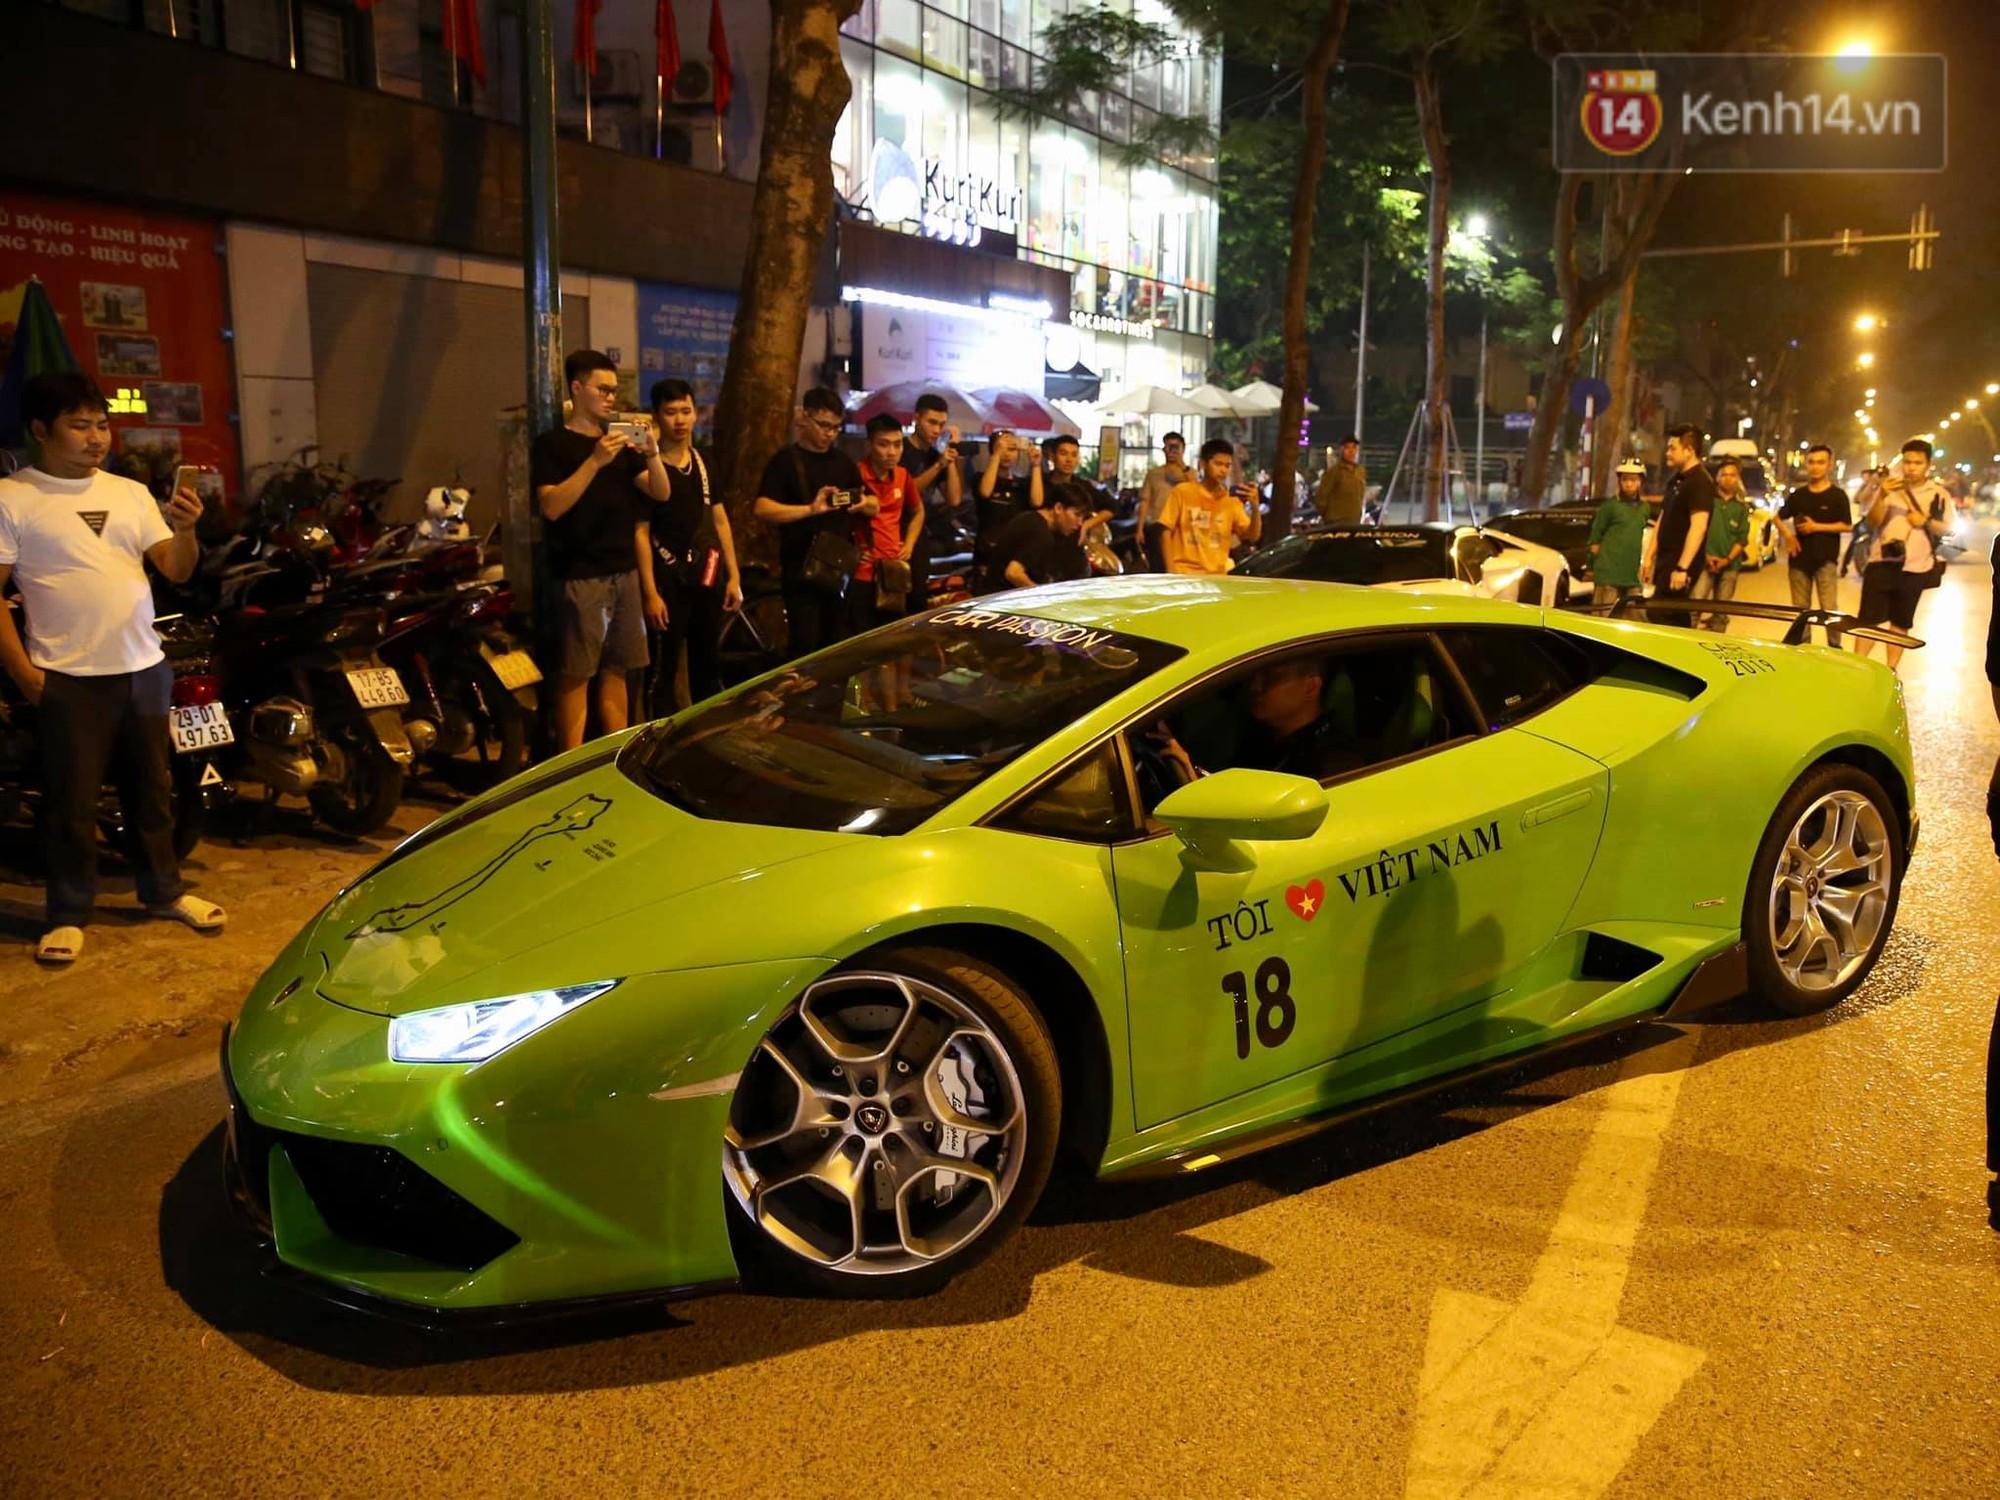 Dàn siêu xe hơn 300 tỷ rầm rộ tụ họp trên đường phố Hà Nội, Cường Đô La và vợ cũng xuất hiện với chiếc Audi R8V10-4